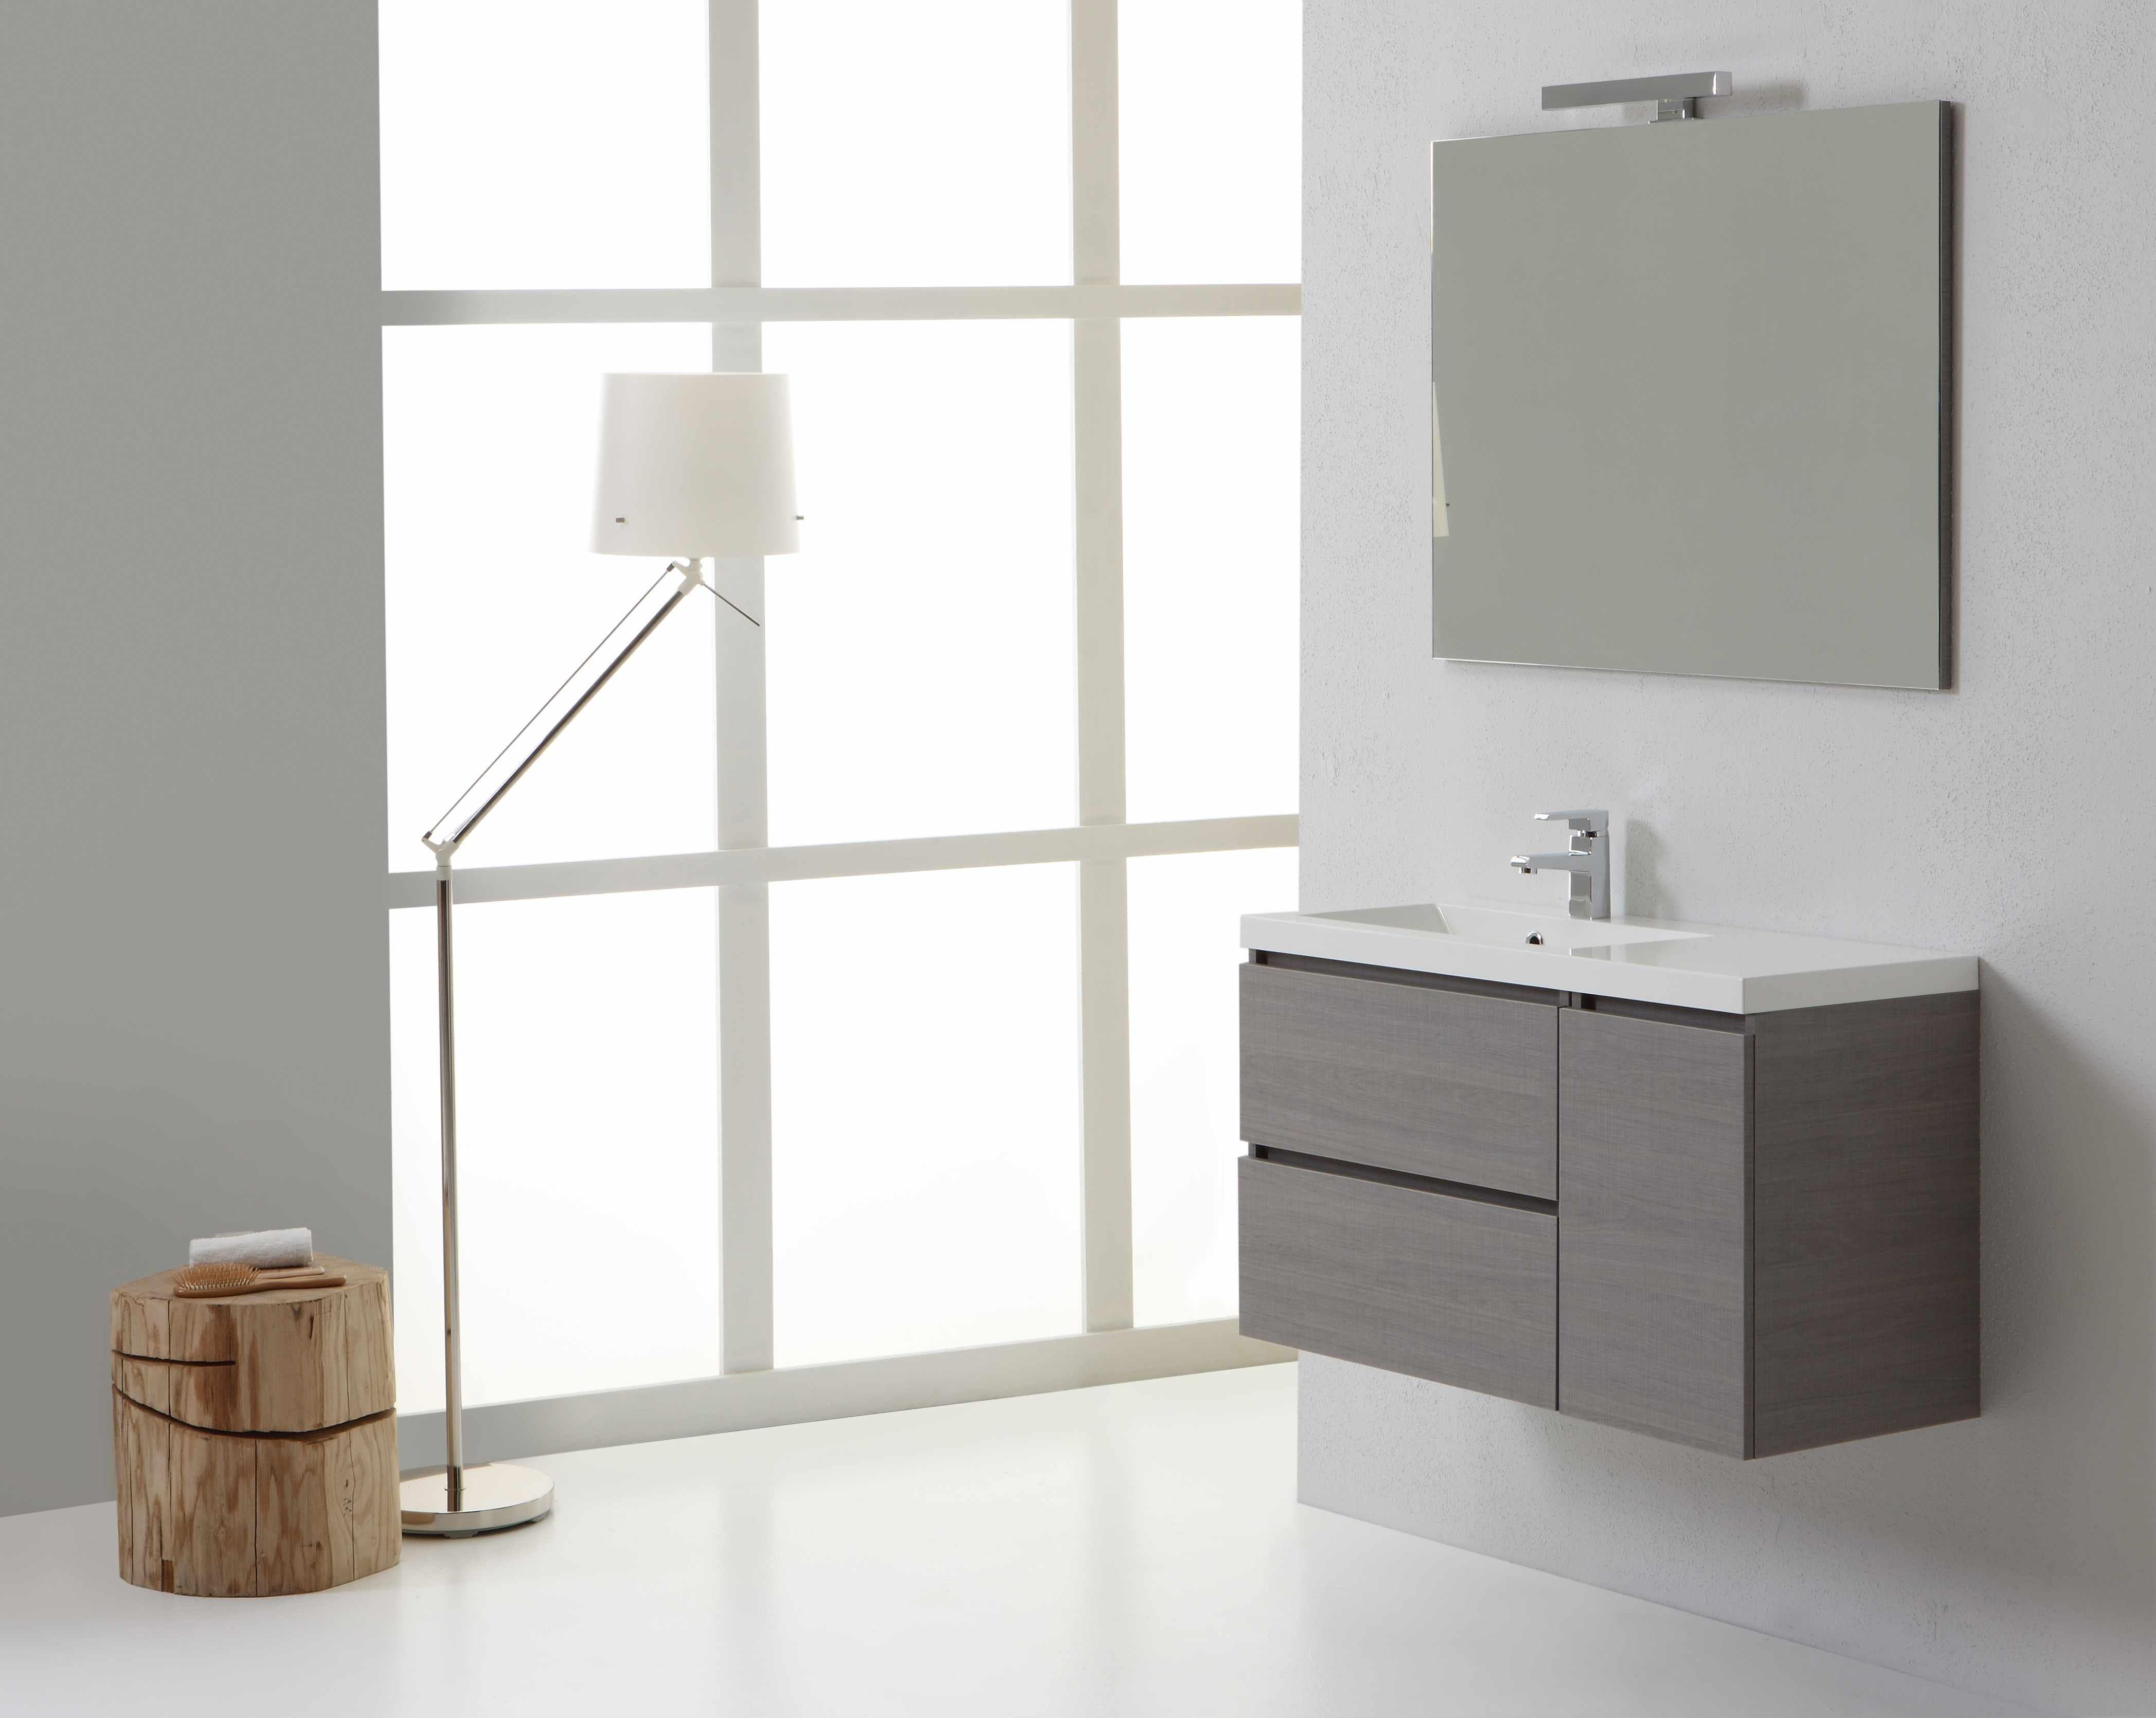 Arredo per bagno sospeso dallo stile moderno larghezza 90 cm con cassetti ebay - Bagno stile moderno ...